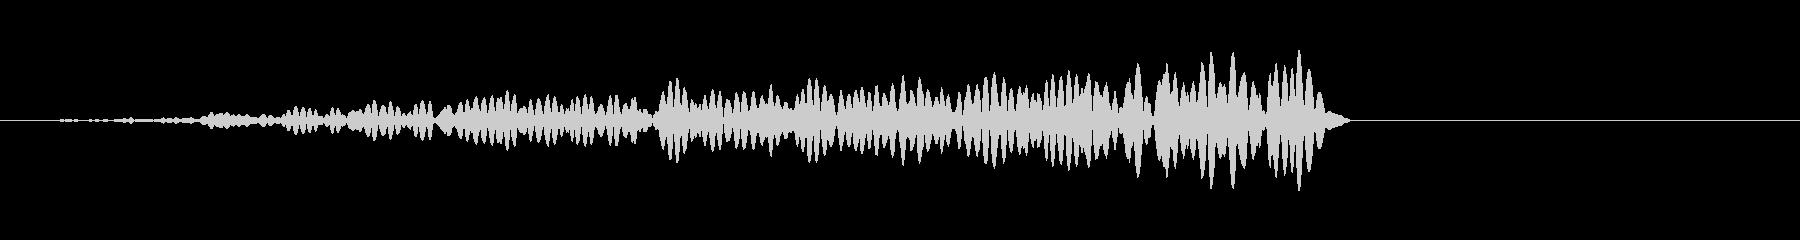 ズォォ、通過する音の未再生の波形